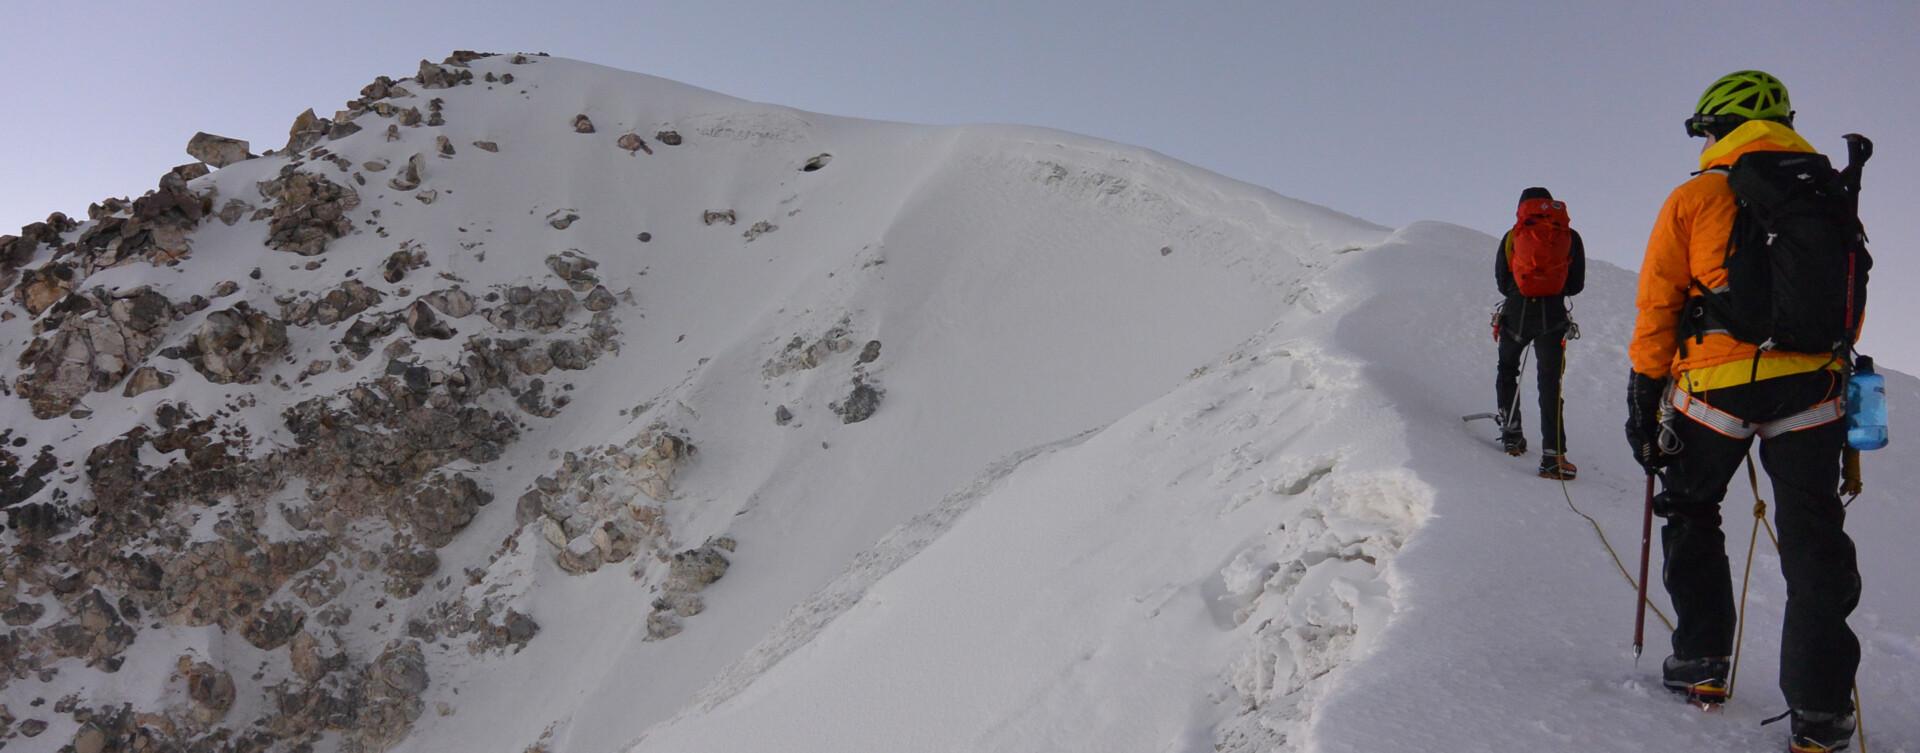 Expédition d'alpinisme au Mexique